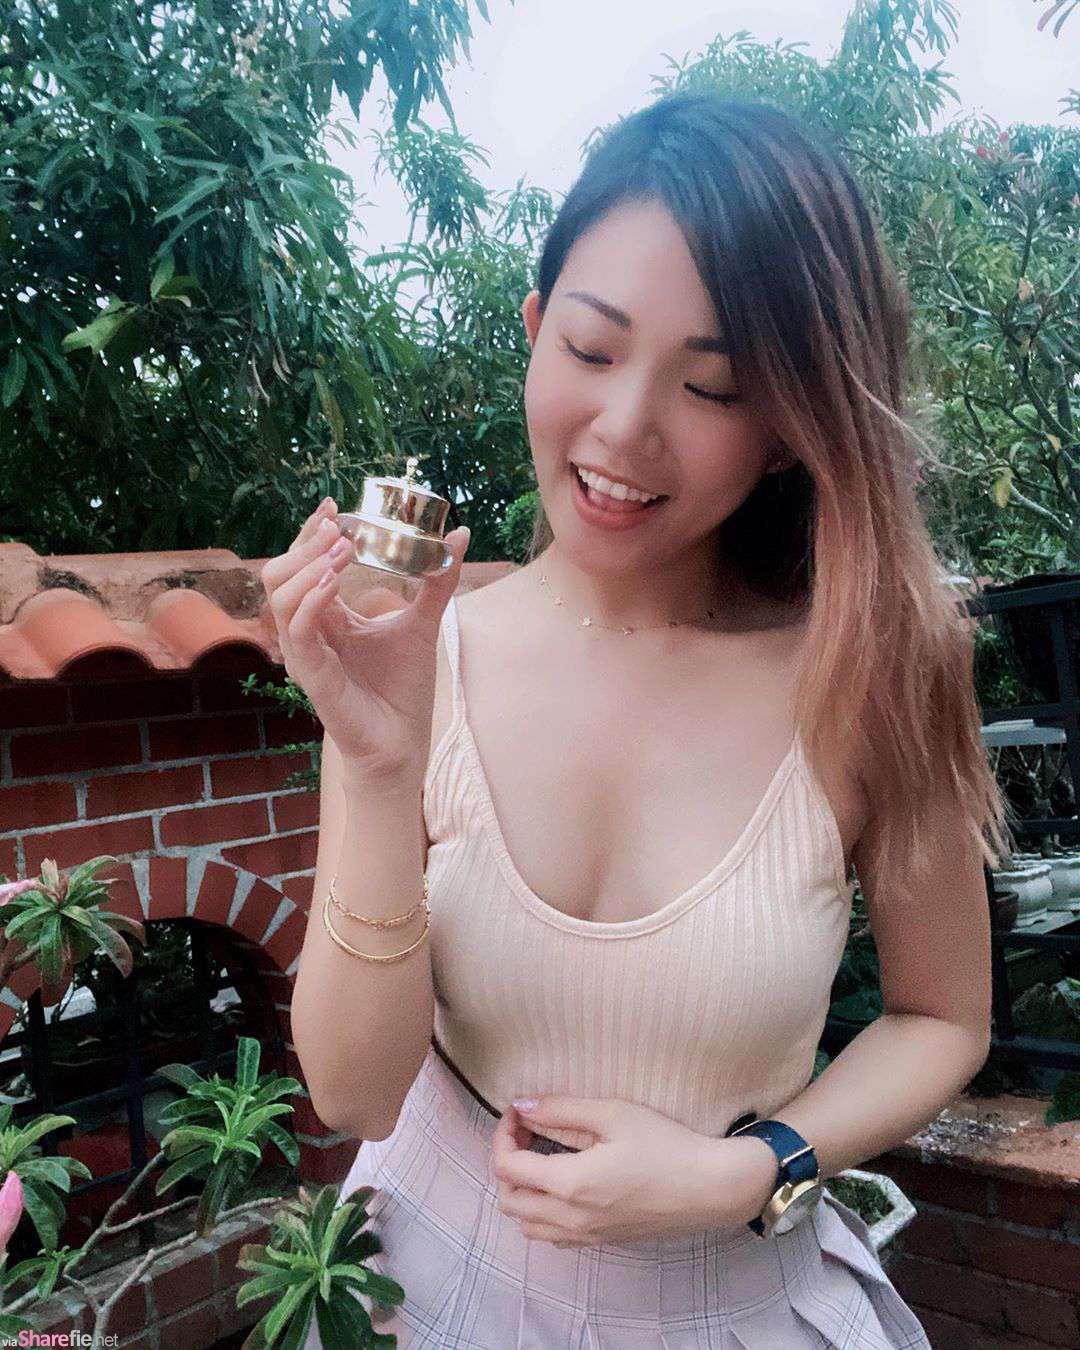 新加坡正妹xinnie,气质超甜性感迷人